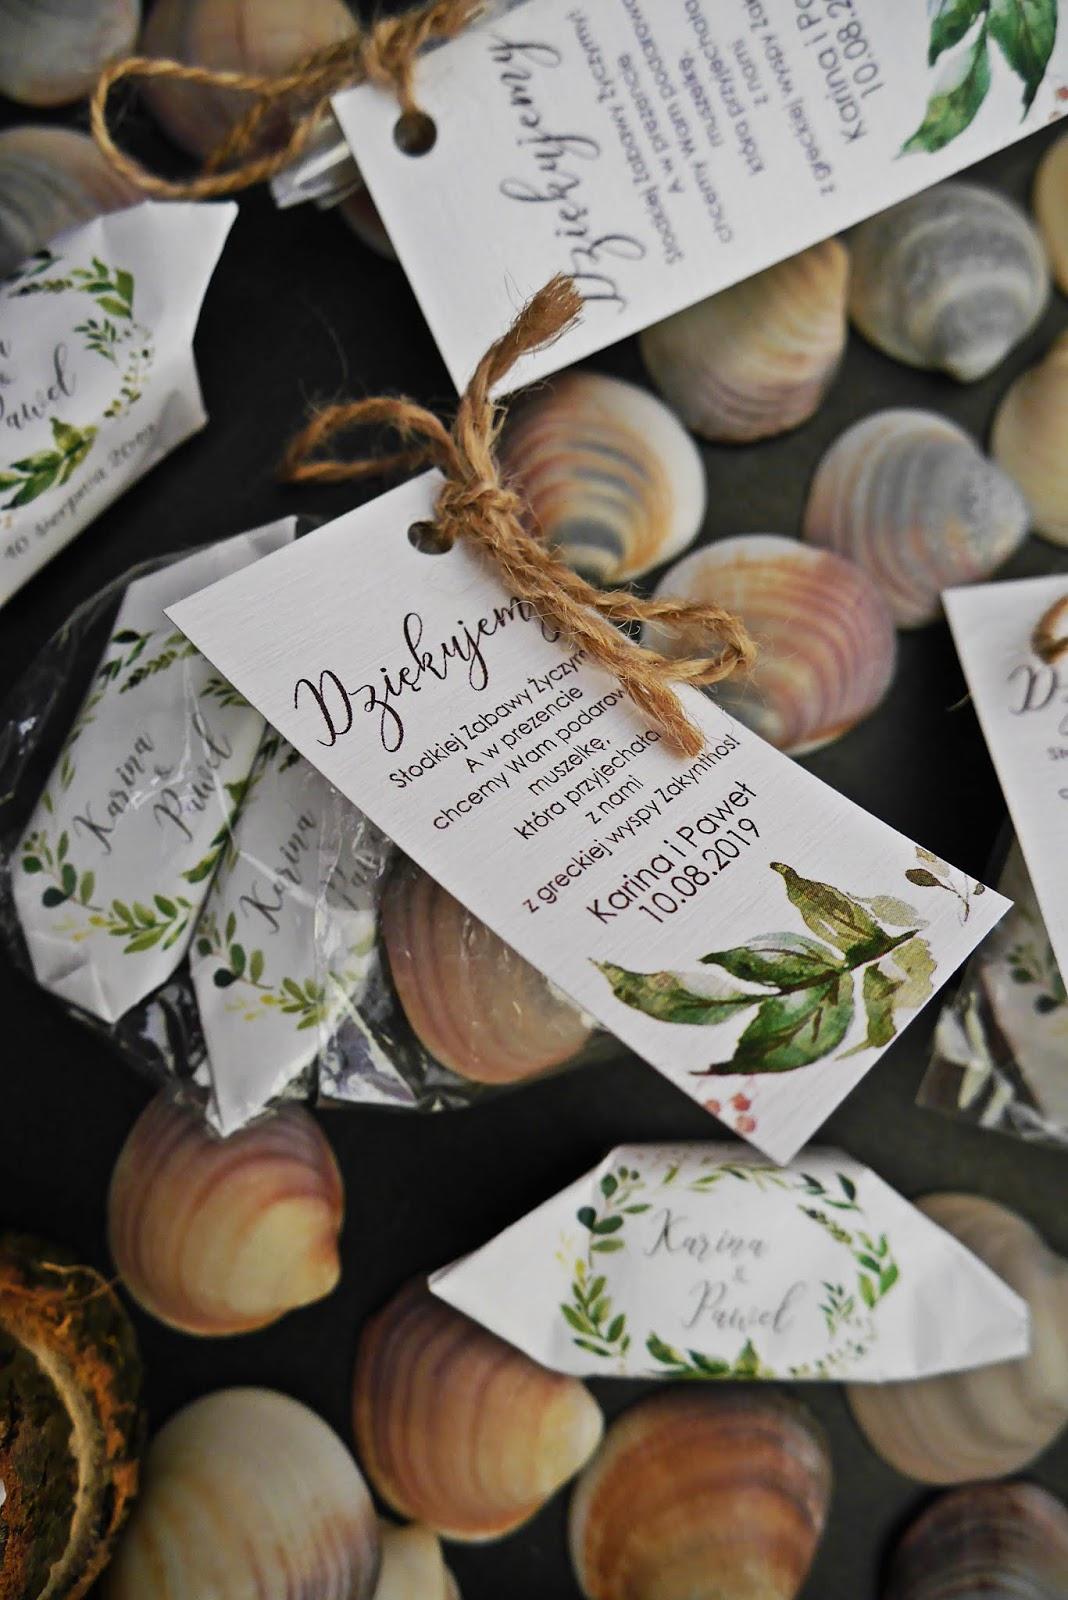 prezent dla gości krówki z nadrukiem muszla zkynthos karyn blog modowy ślubny blogerka modowa DIY